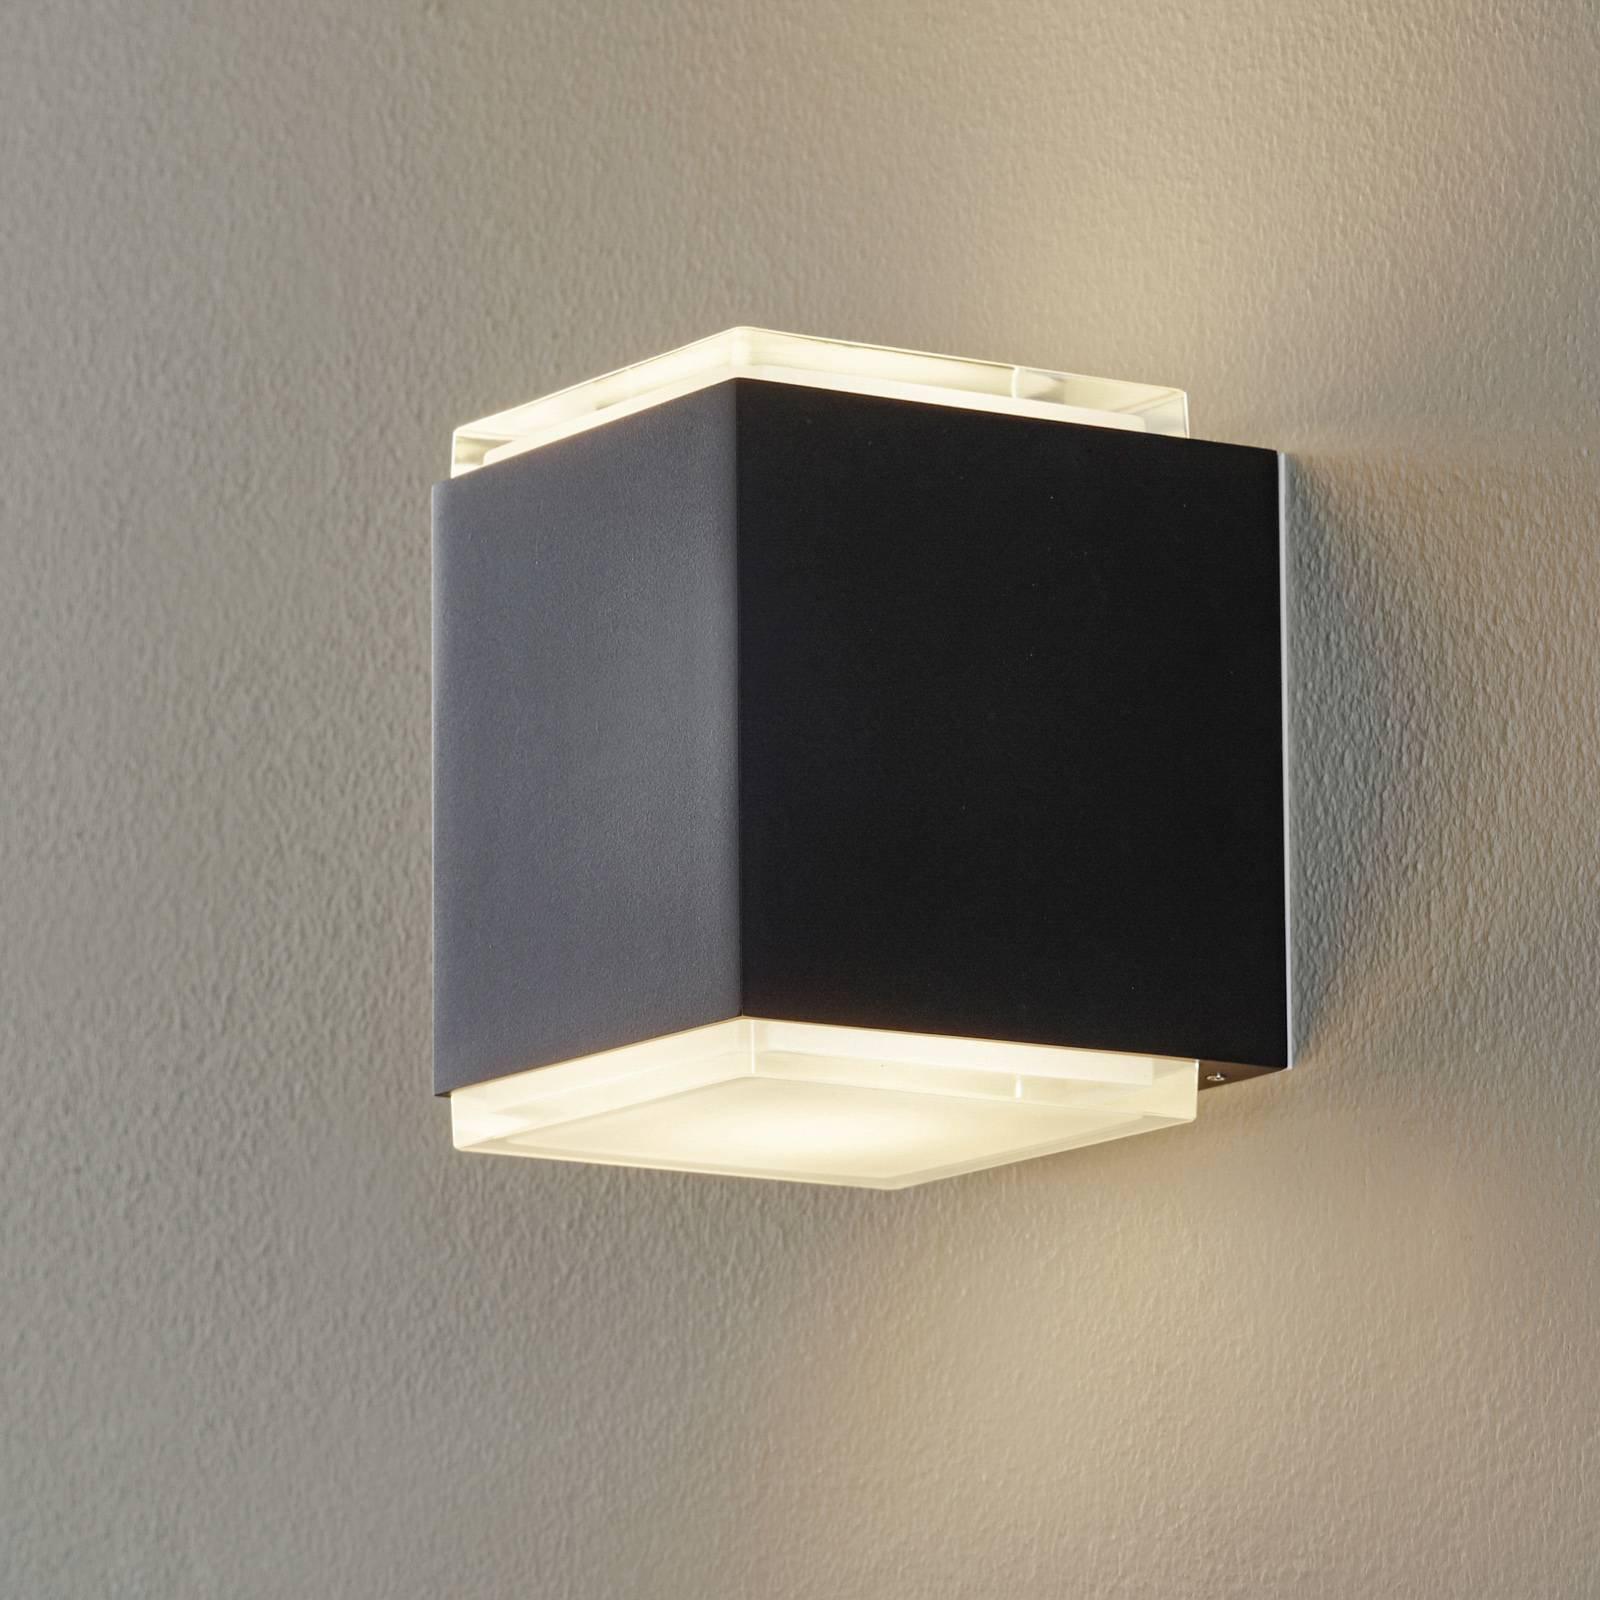 BEGA 50064 LED-vegglampe 3 000 K 12 cm DALI svart